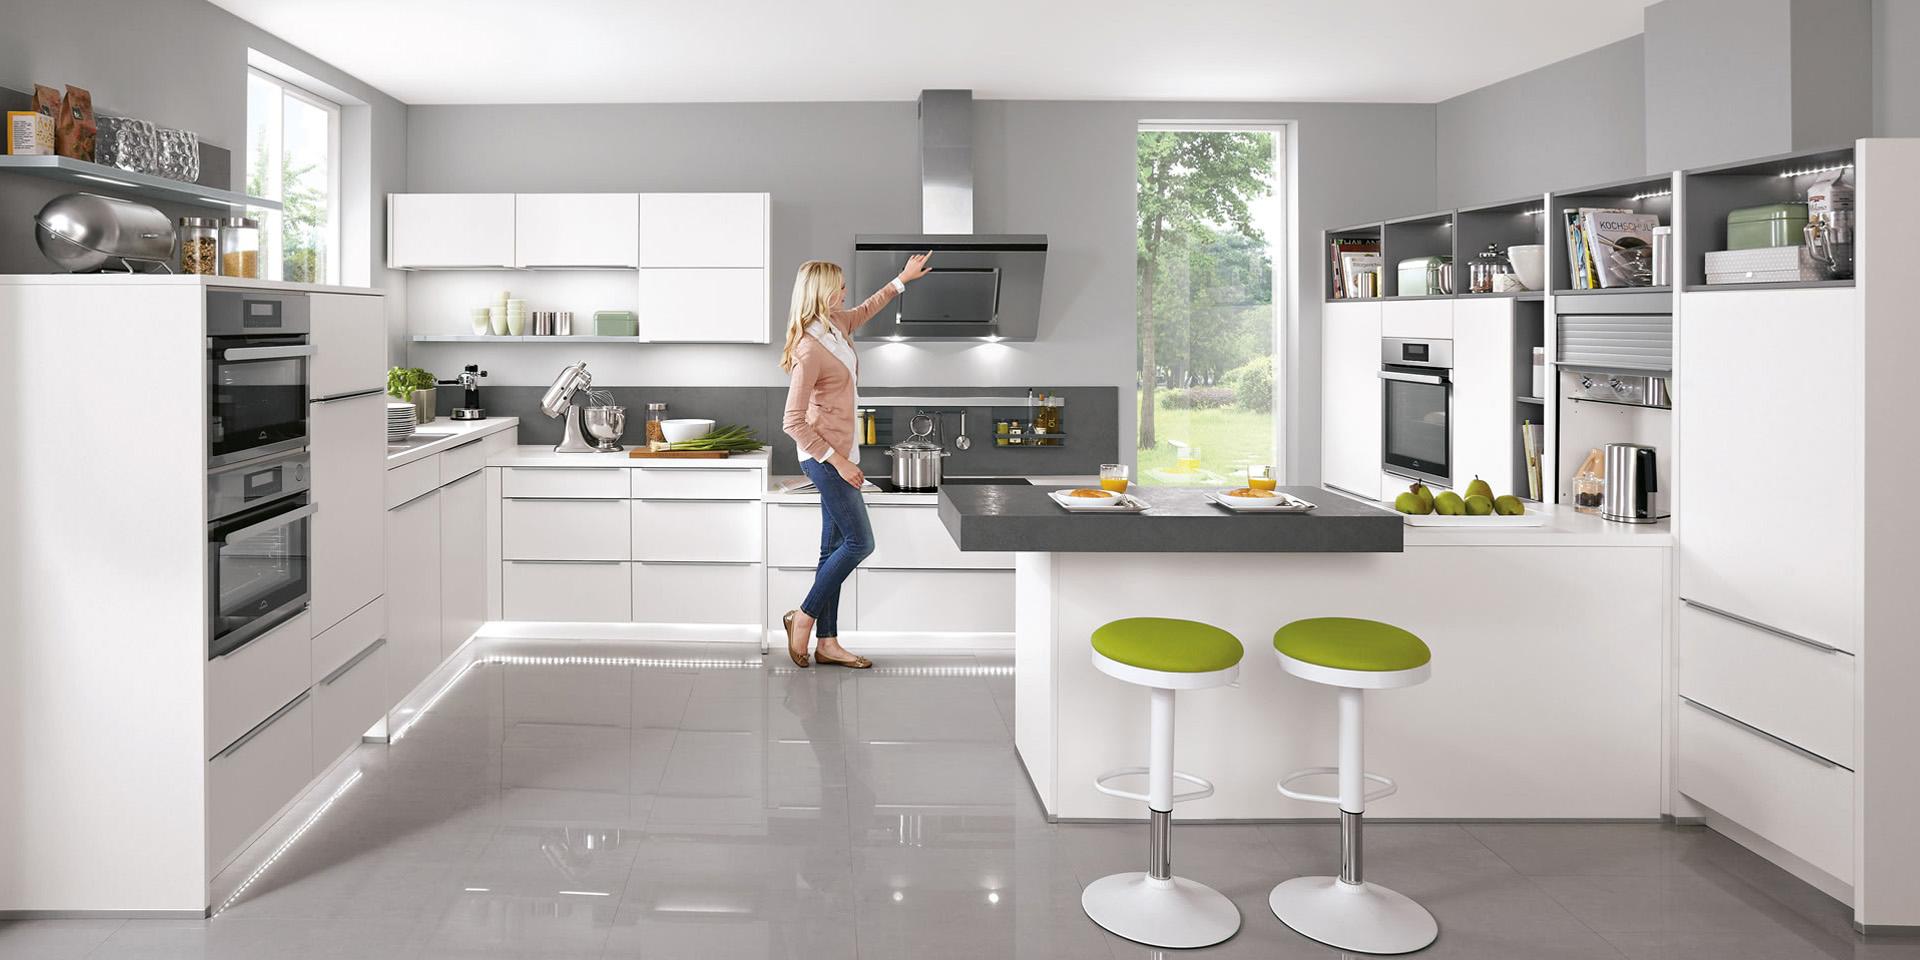 Fantastisch Lofty Inspiration Exklusive Küchen Zeitgenössisch - Die ...